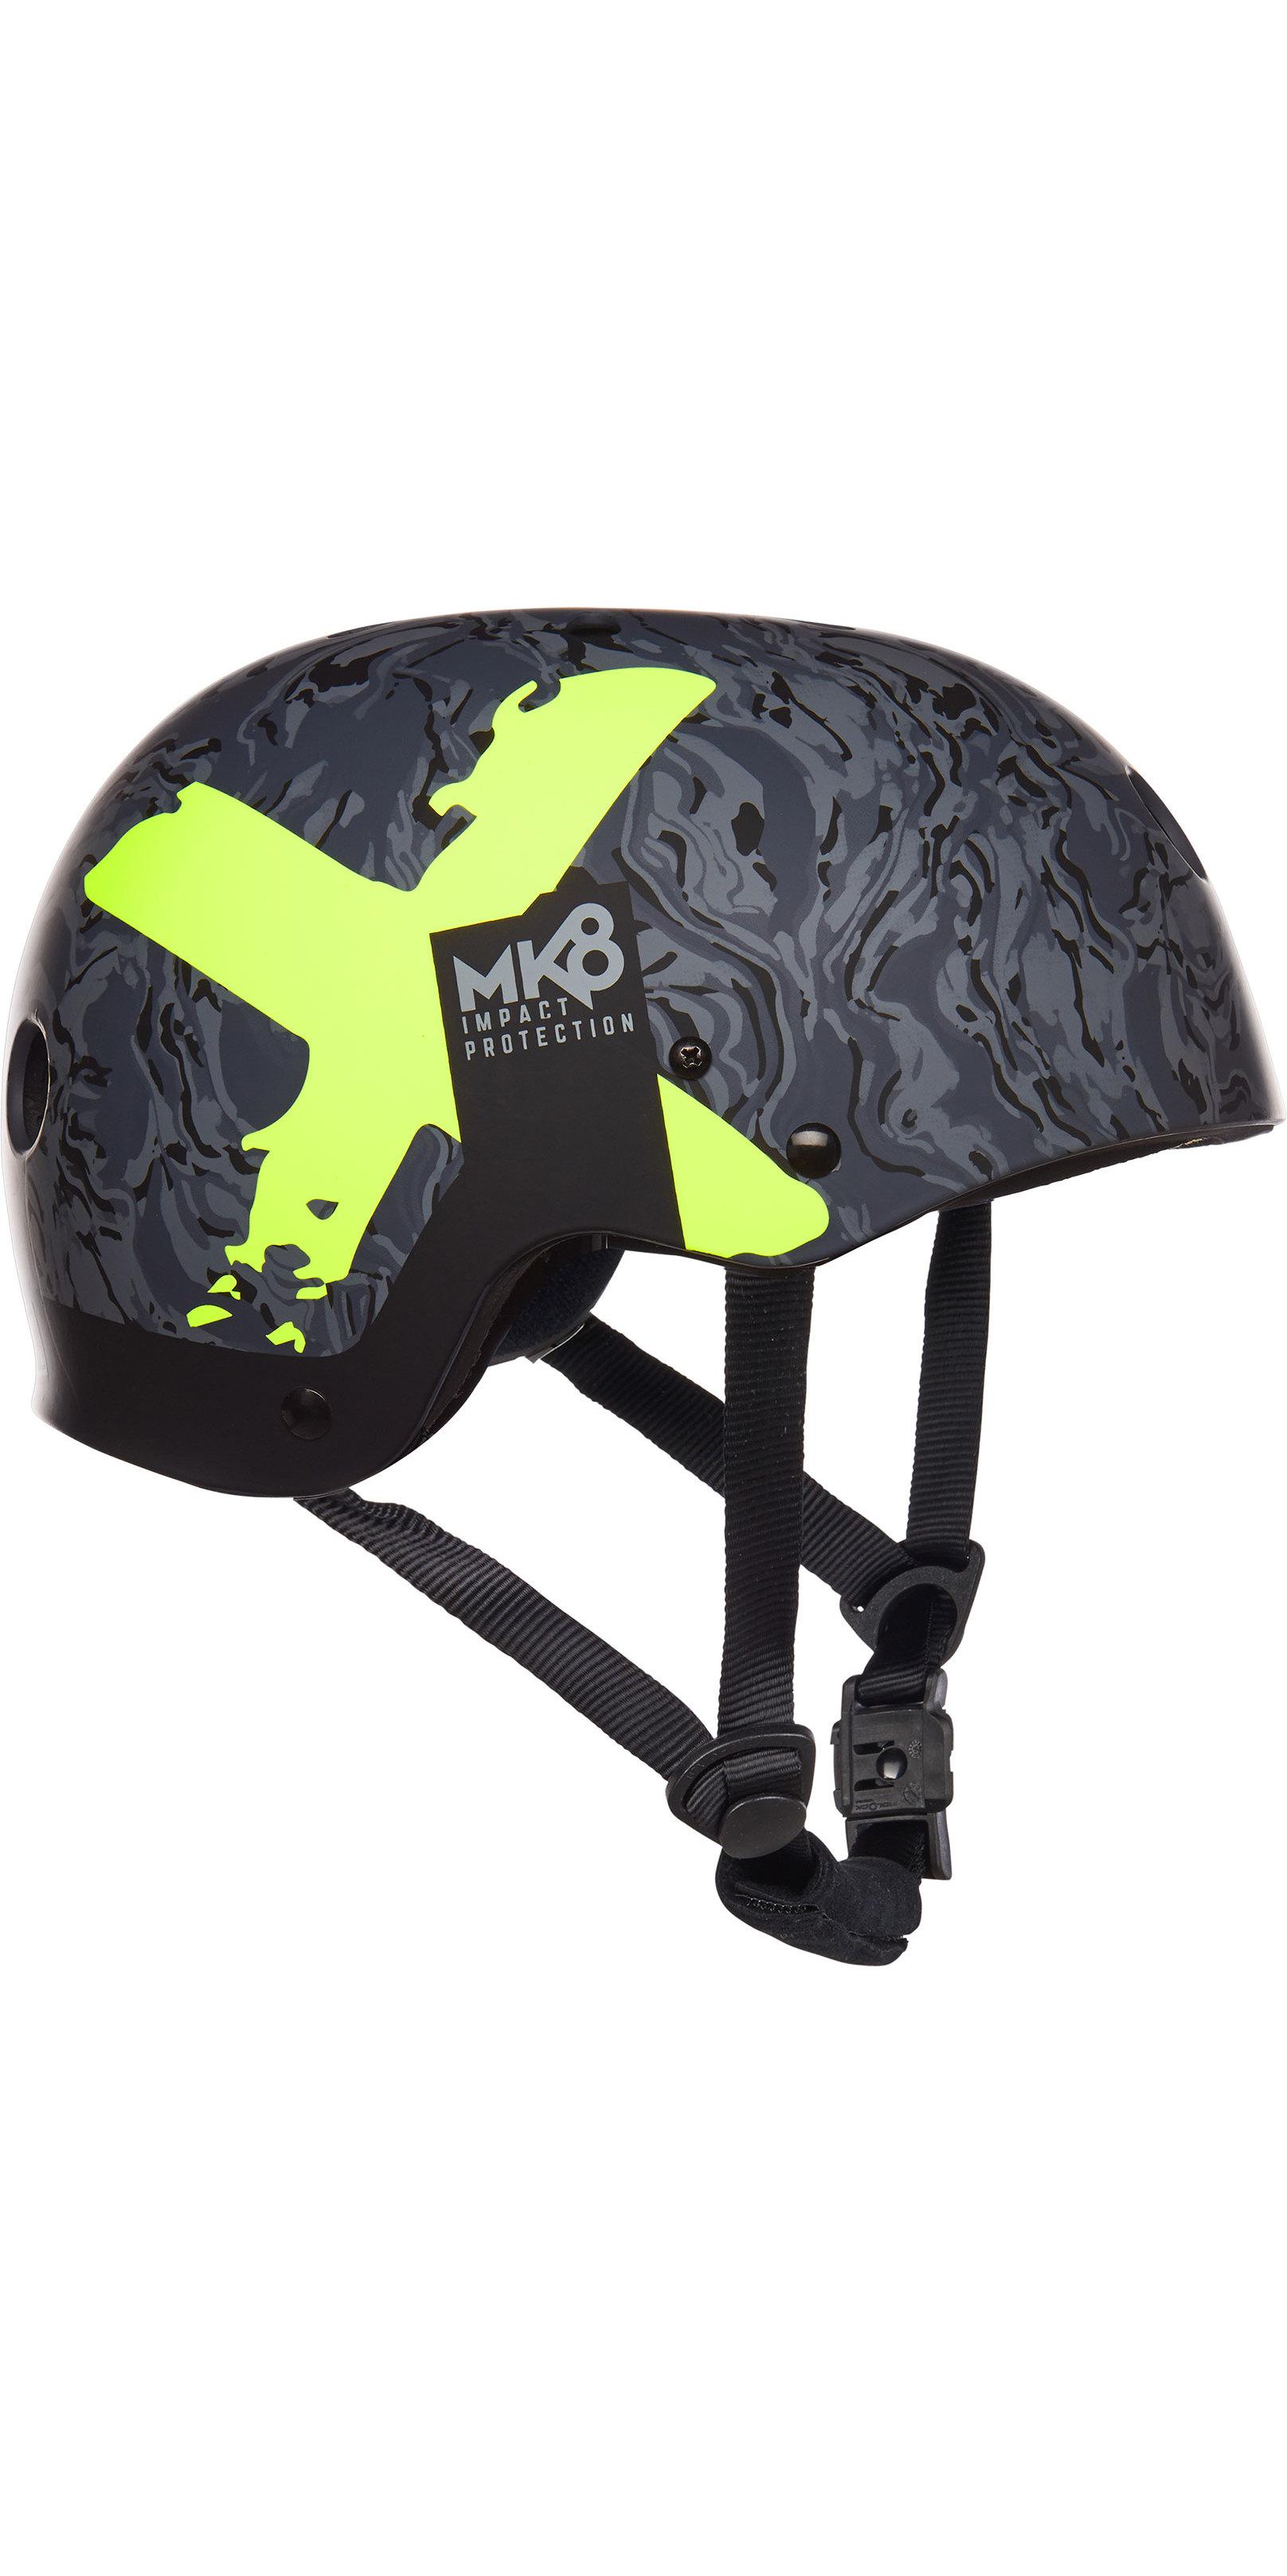 2019 Mystic MK8 X Helmet Navy / Lime 180160